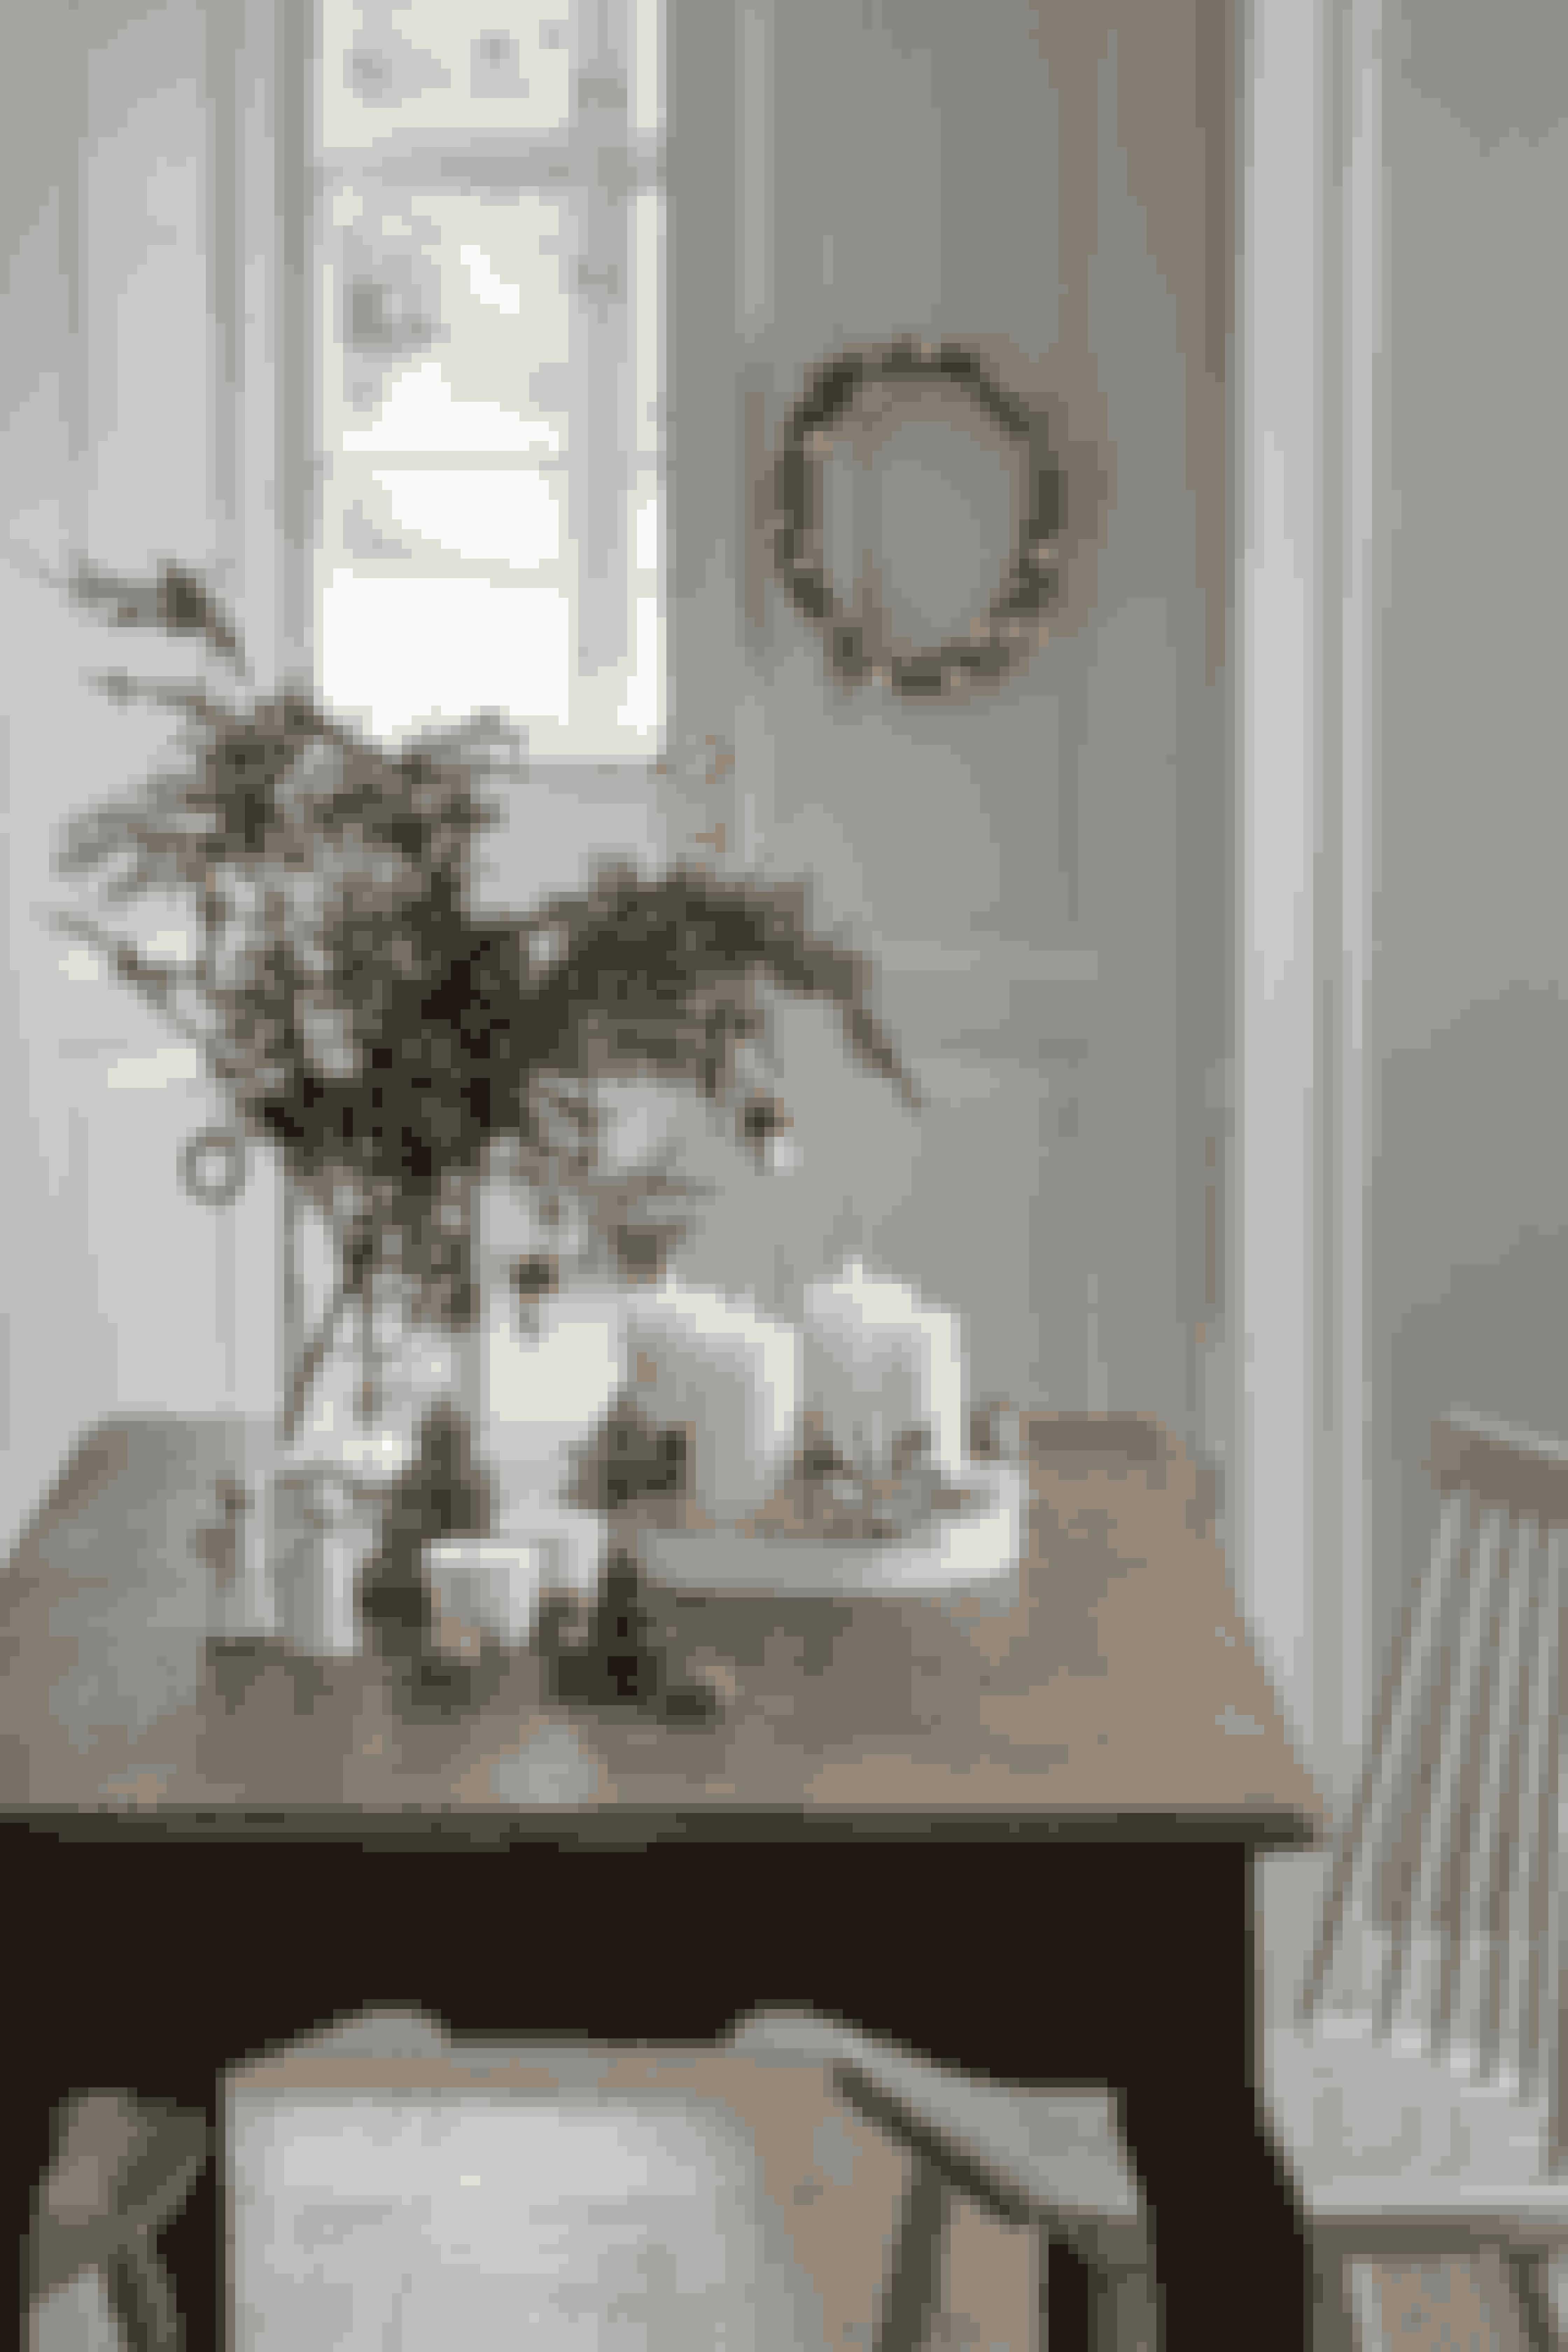 Kør enkle natur- og jordfarver i årets julepynt.LED krans. Pris: 68,80 kr.Fad. Pris: 68,80 kr.Svampeornamenter. Pris: 6,80 kr.Julestave i filt, to farver. Pris: 4,80 kr.Engle i keramik, tre farver. Pris: 19,80 kr.Fold ud træer, tre farver. Pris: fra 14,80 kr.Lysestager, fire forskellige designs. Pris: 11,80 kr.